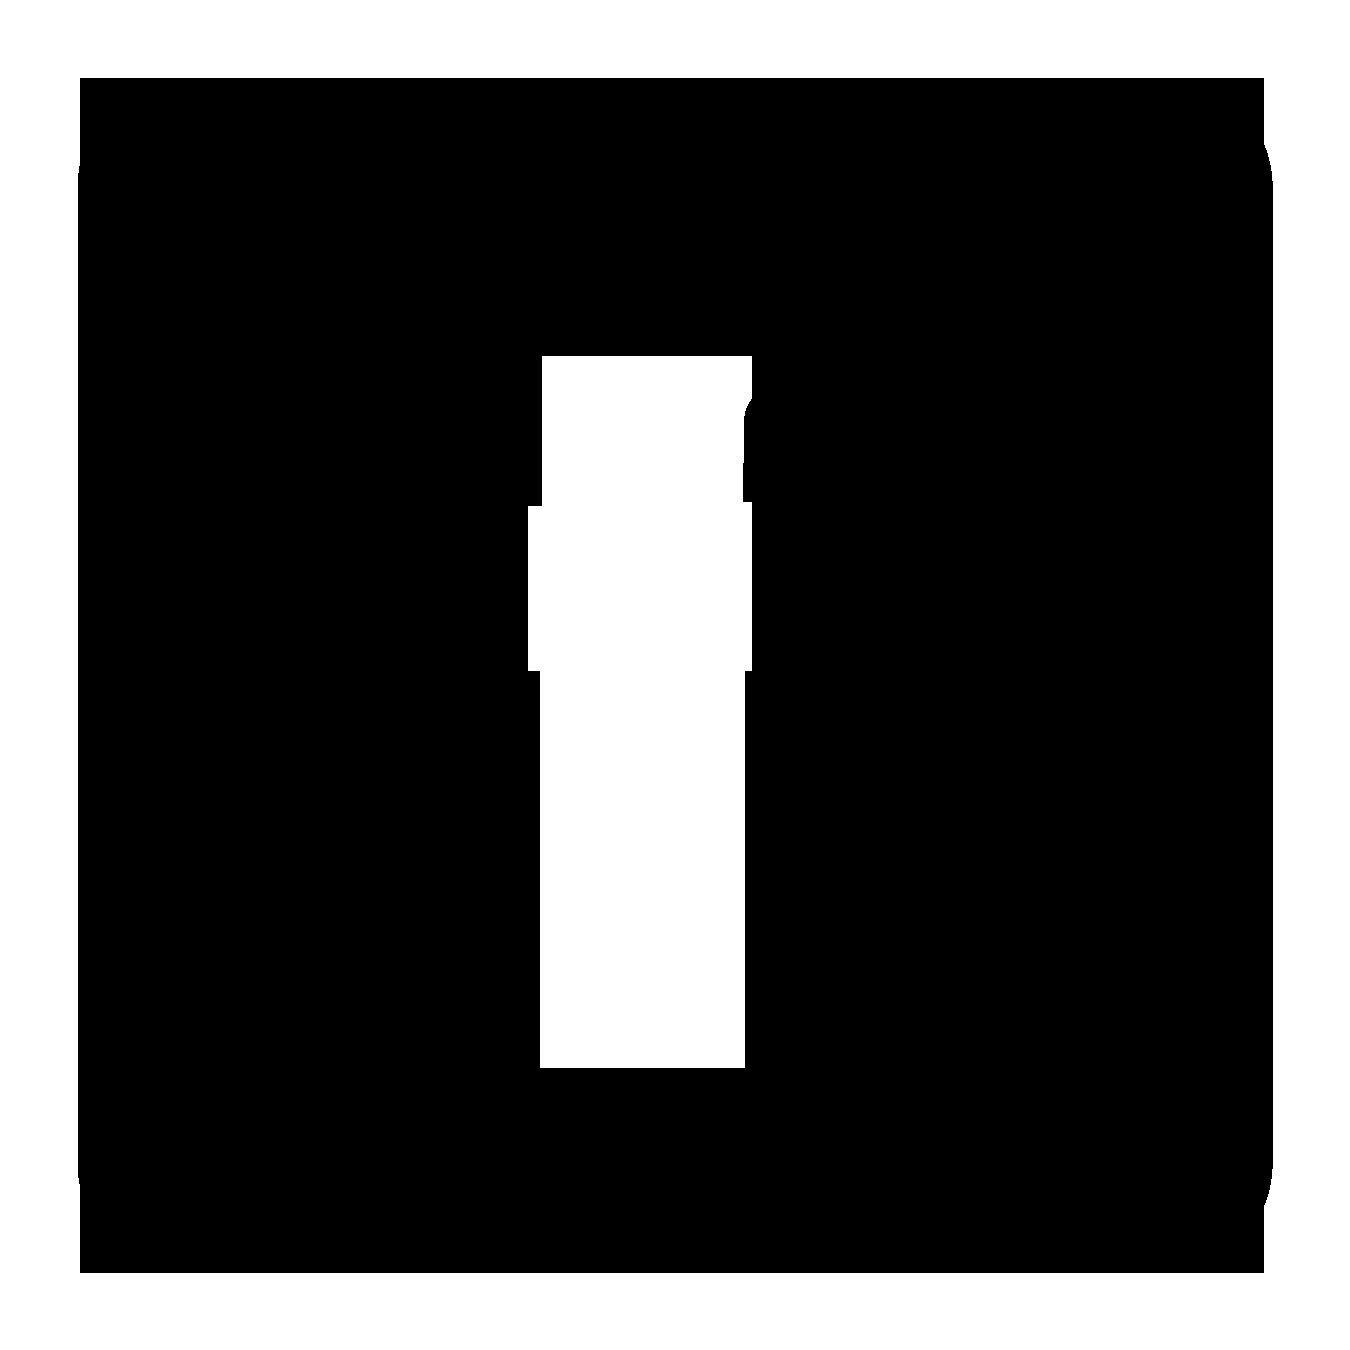 1350x1350 Twitter Logo White Vector